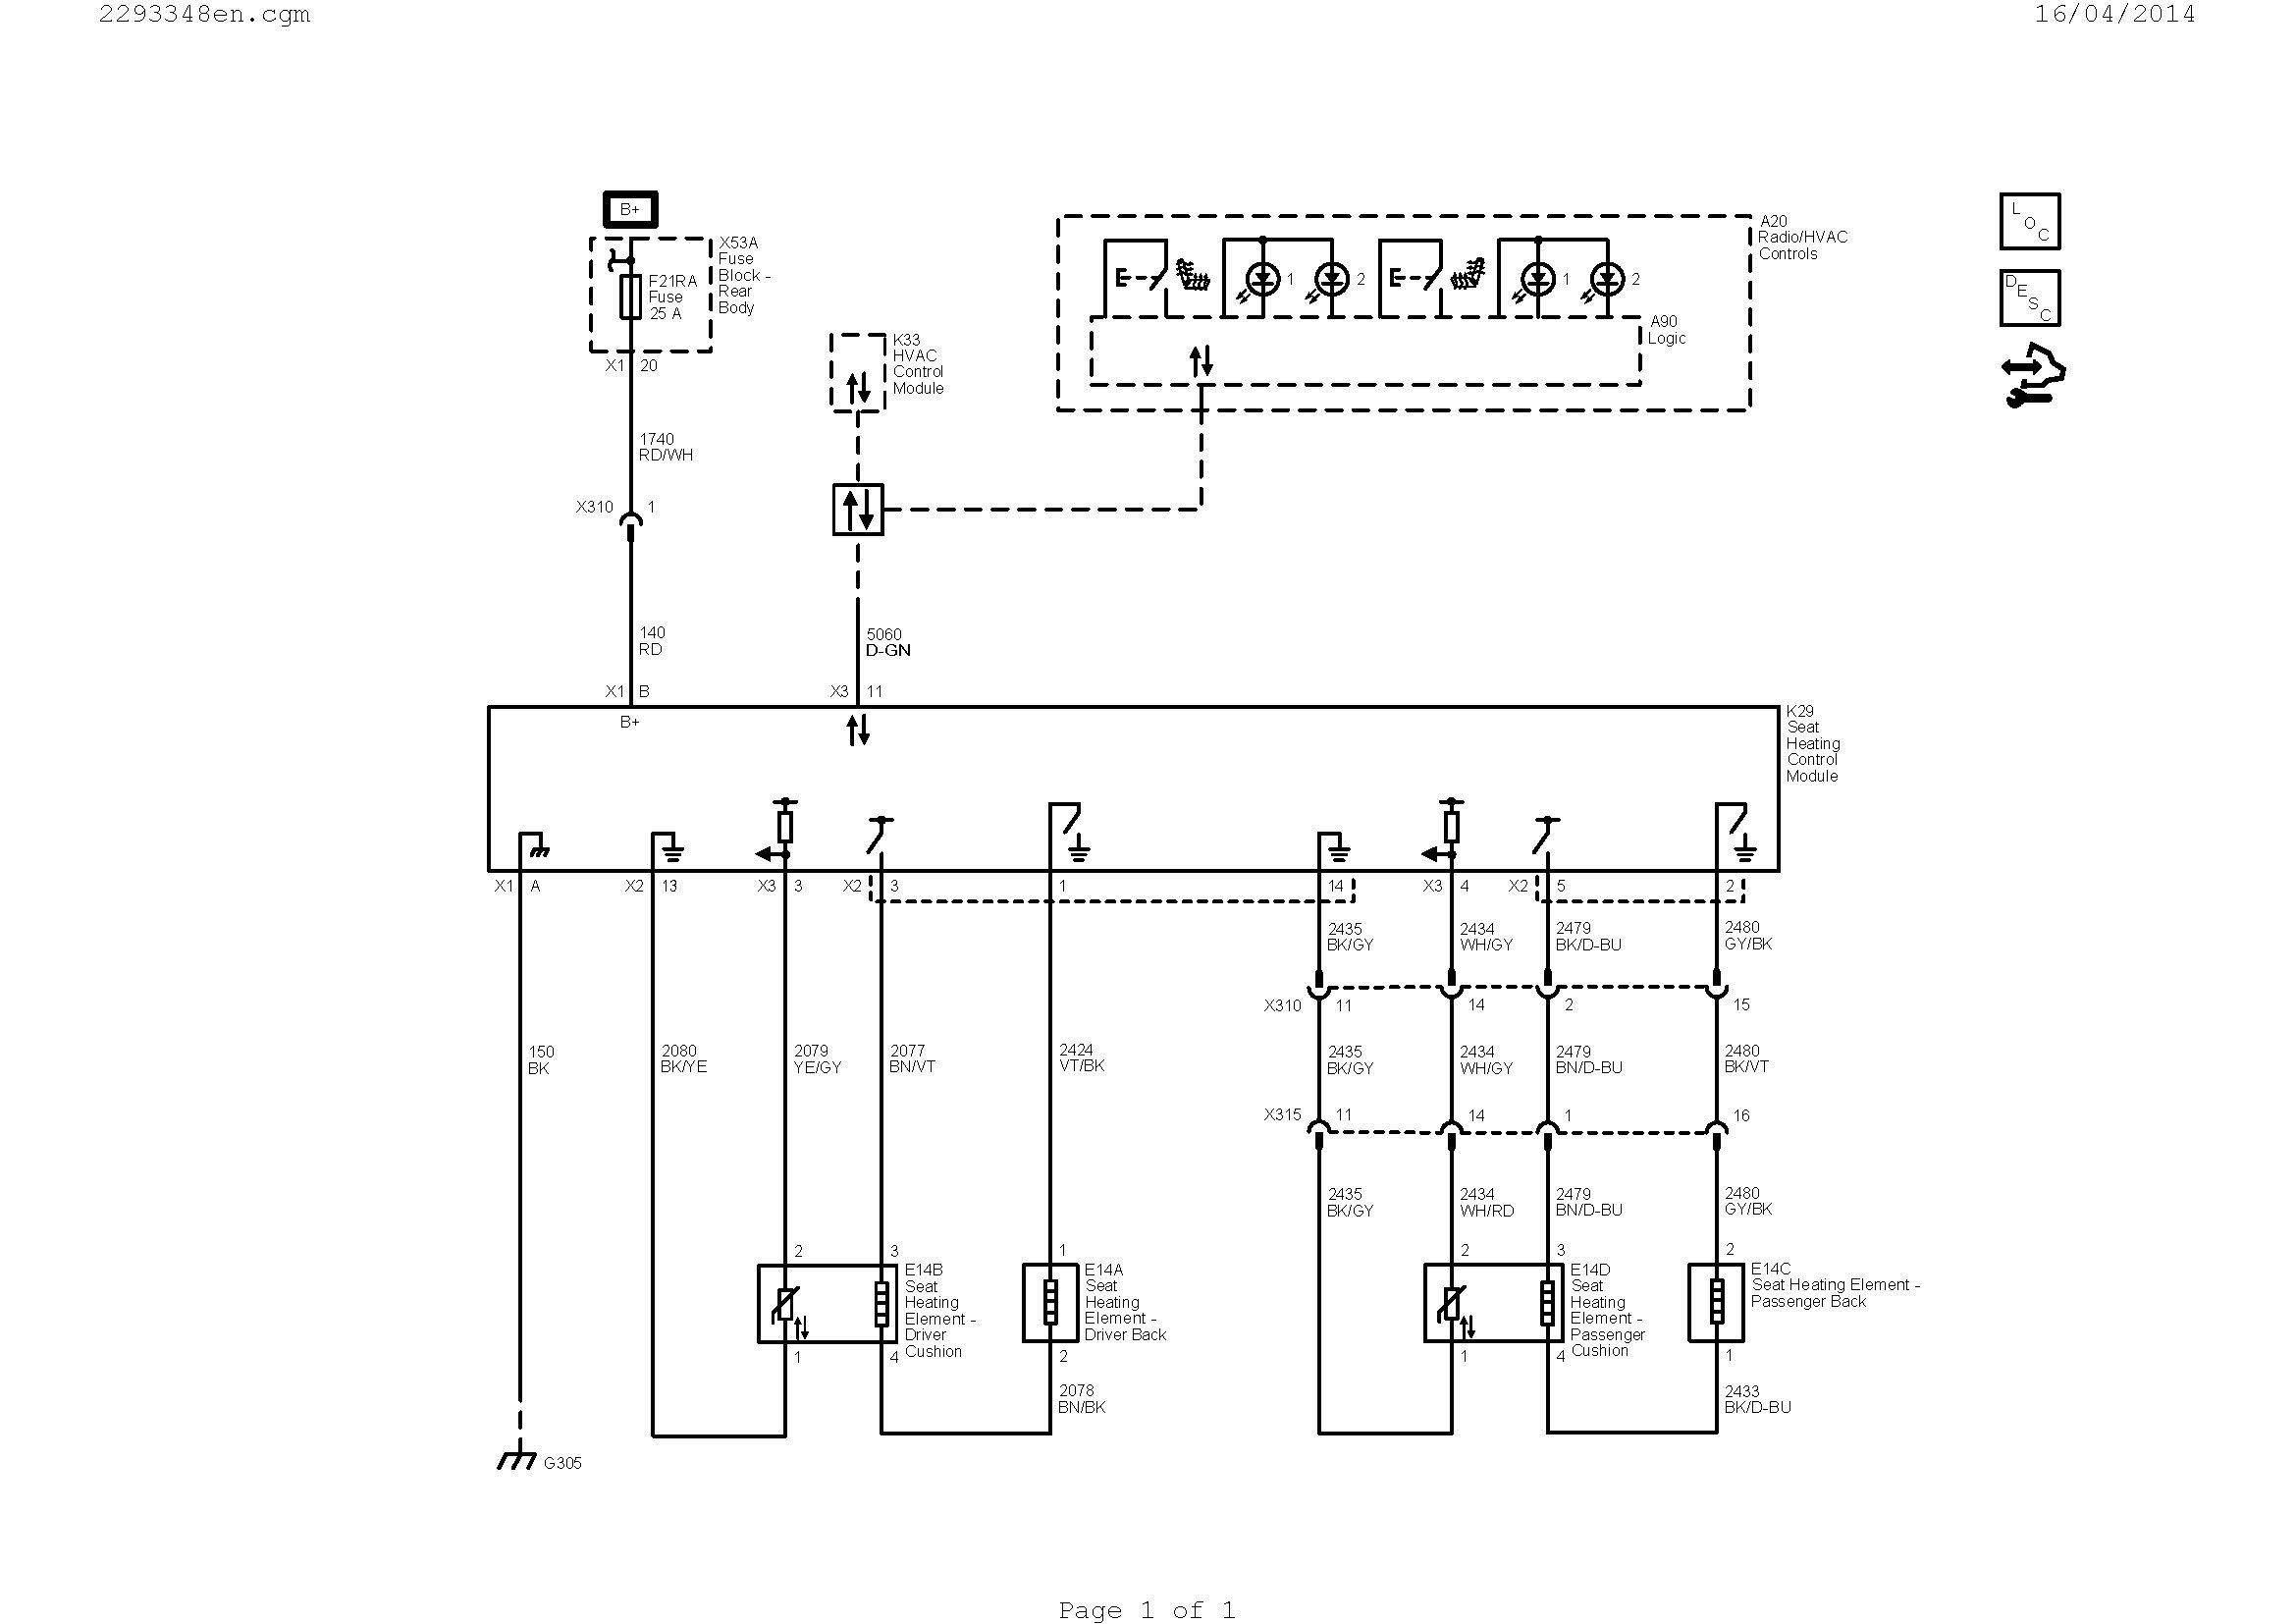 mopar wiring diagram Collection-Chrysler Wiring Diagram Elegant Wiring Diagram Archives Noodesign Unique Chrysler Wiring Diagram 11-f